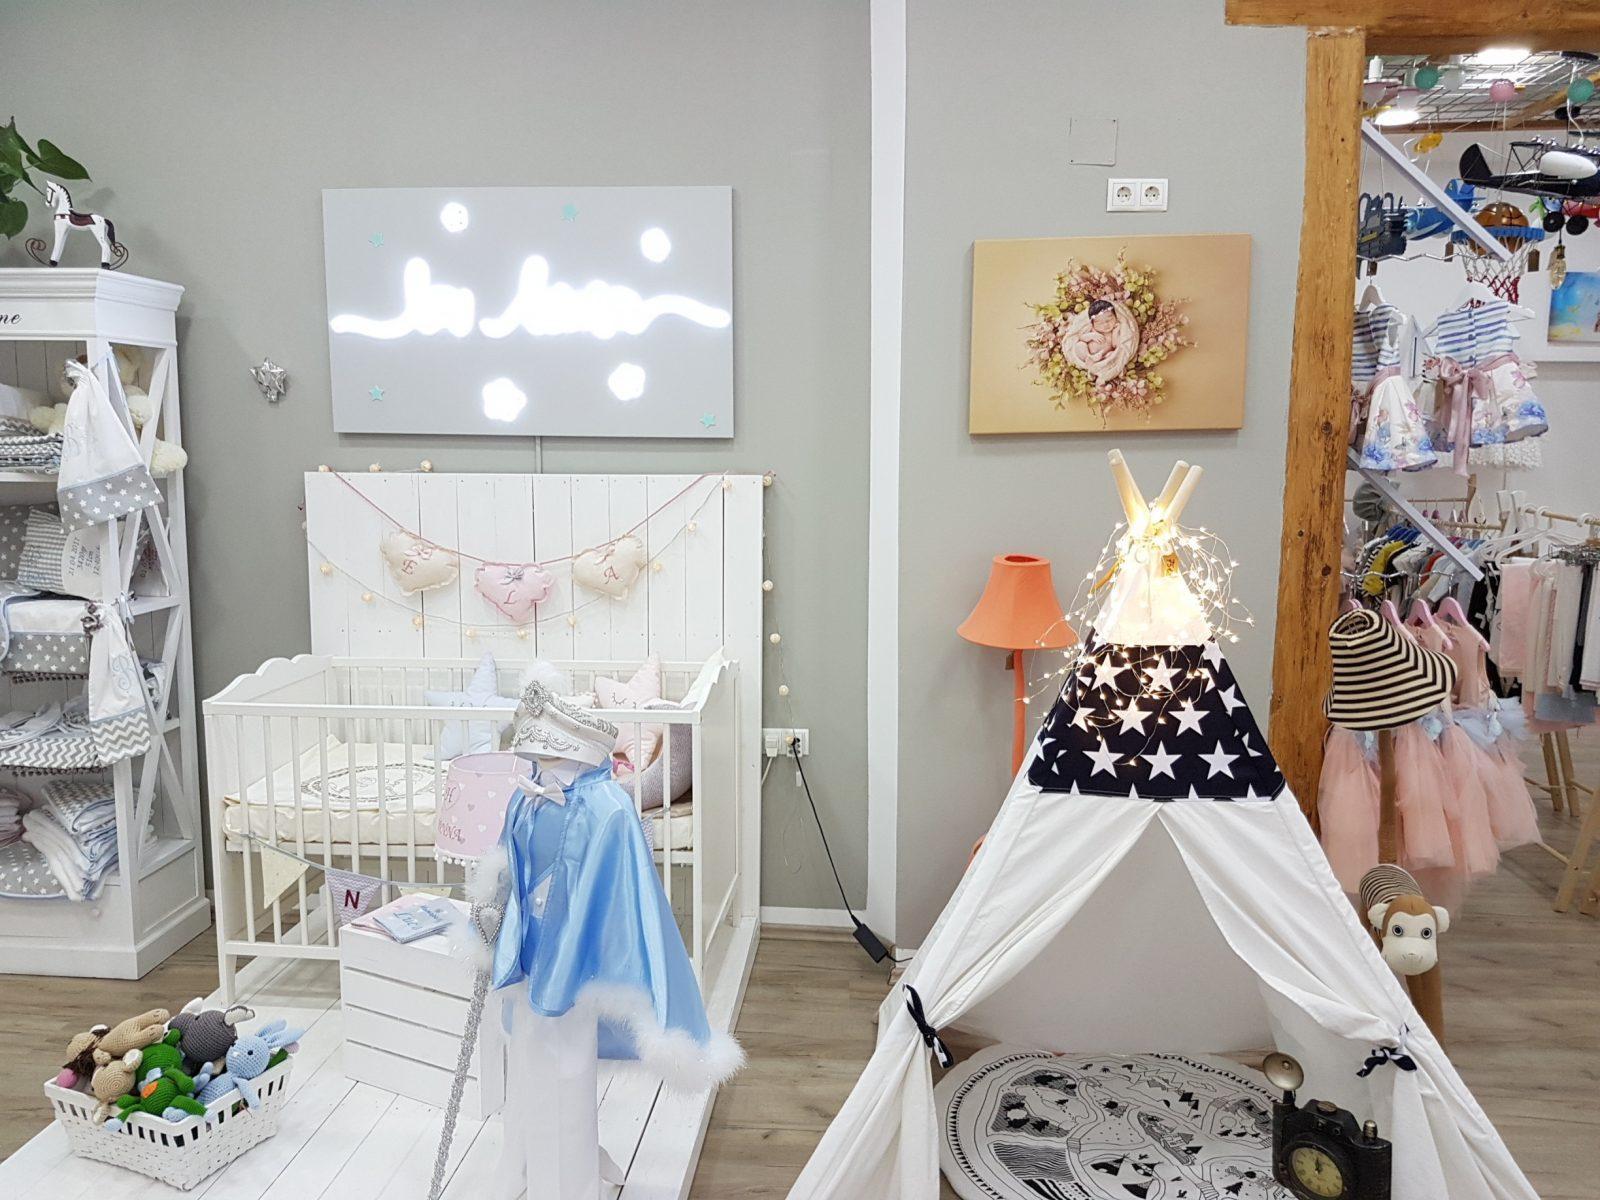 Top 5 Tipps Für Ihre Babyzimmerdeko Jetzt Lesen von Babyzimmer Deko Bilder Bild